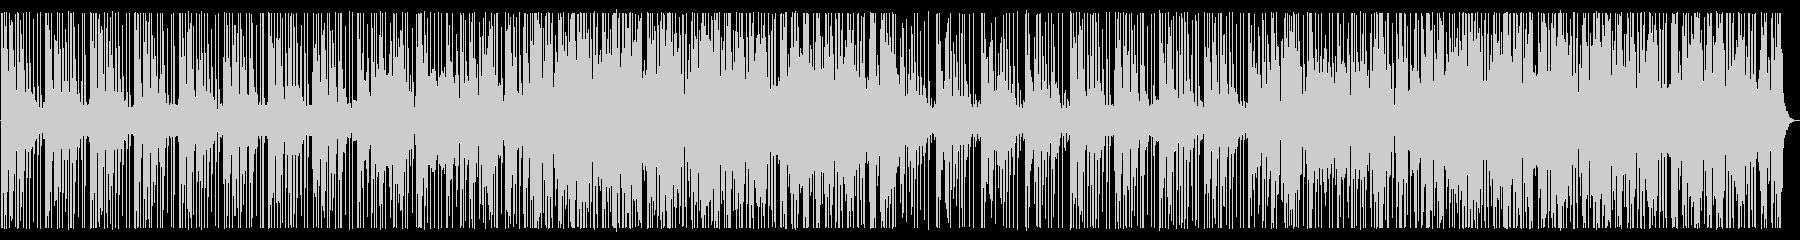 シティポップトラック_No623_1の未再生の波形